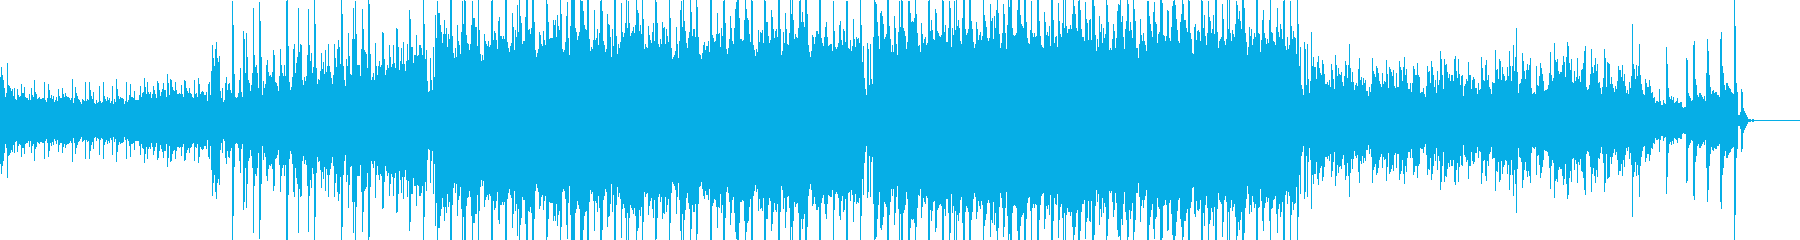 琴を用いた和風なヒップホップの再生済みの波形